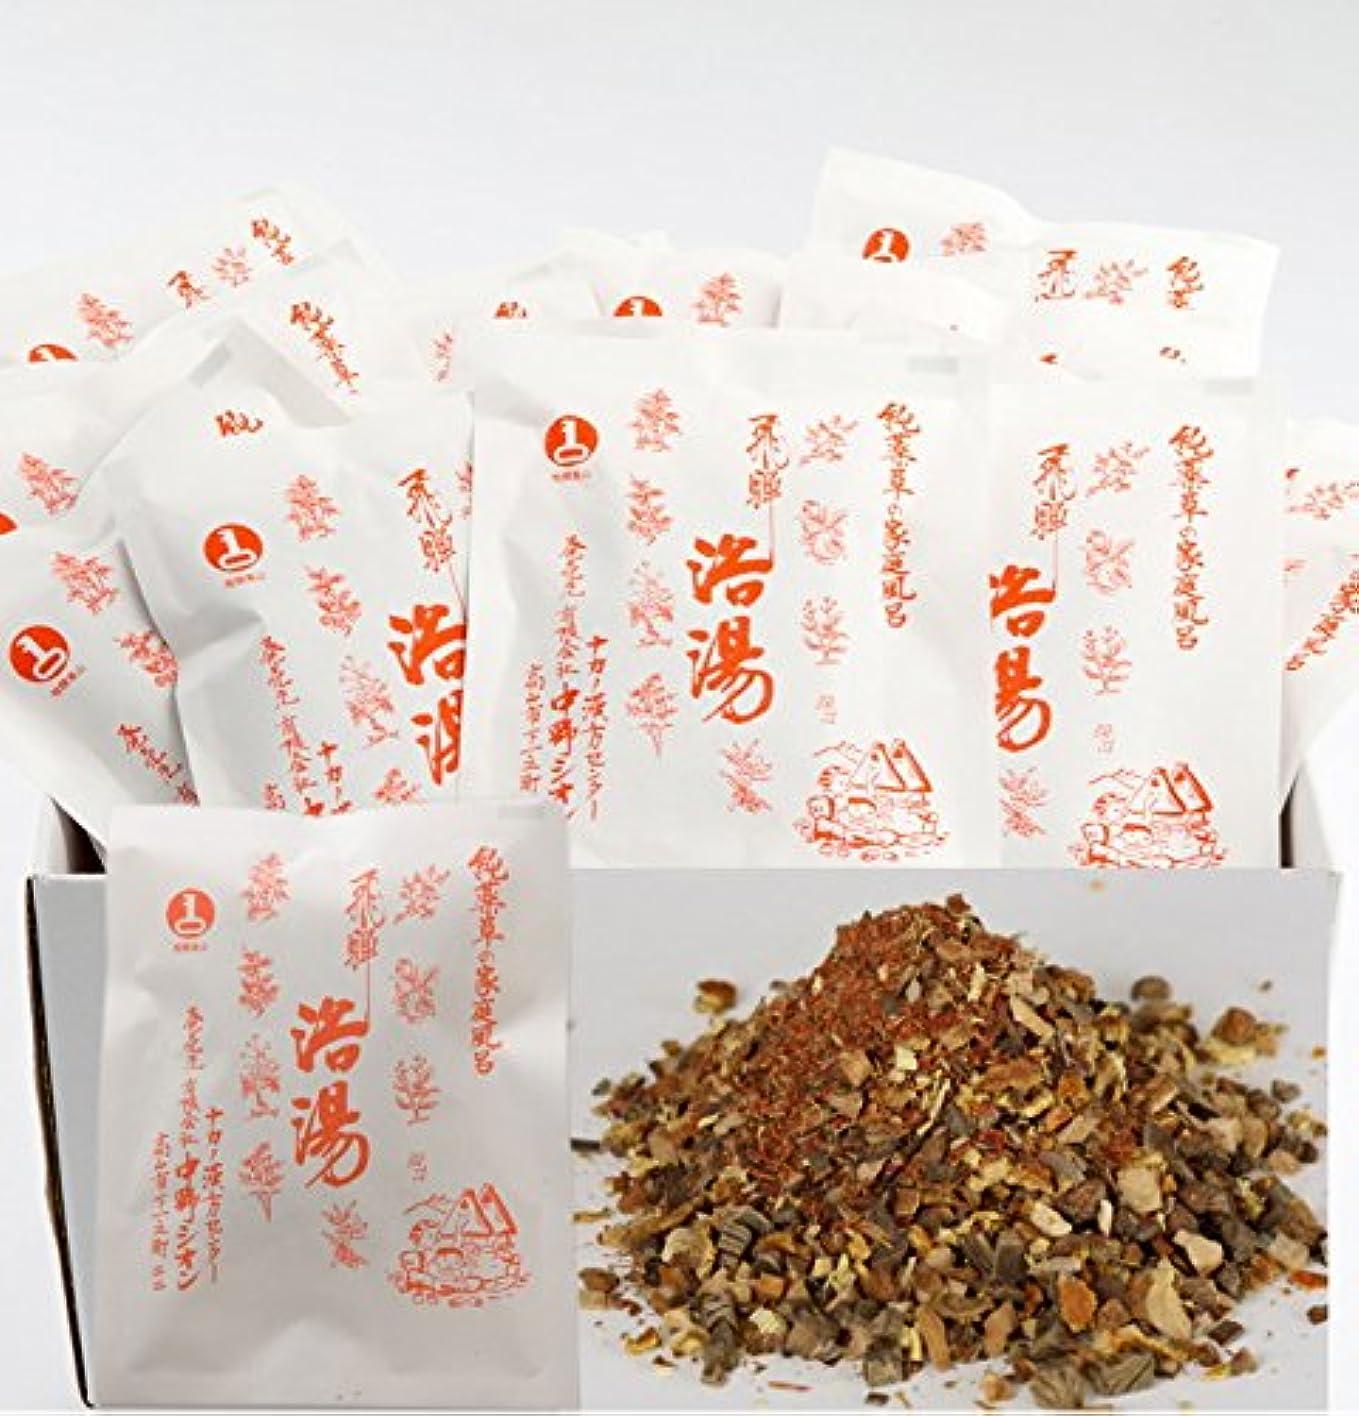 瞑想音節レイ浴湯 飛騨浴湯 ~純薬草のお風呂~ 16袋(16包)セット